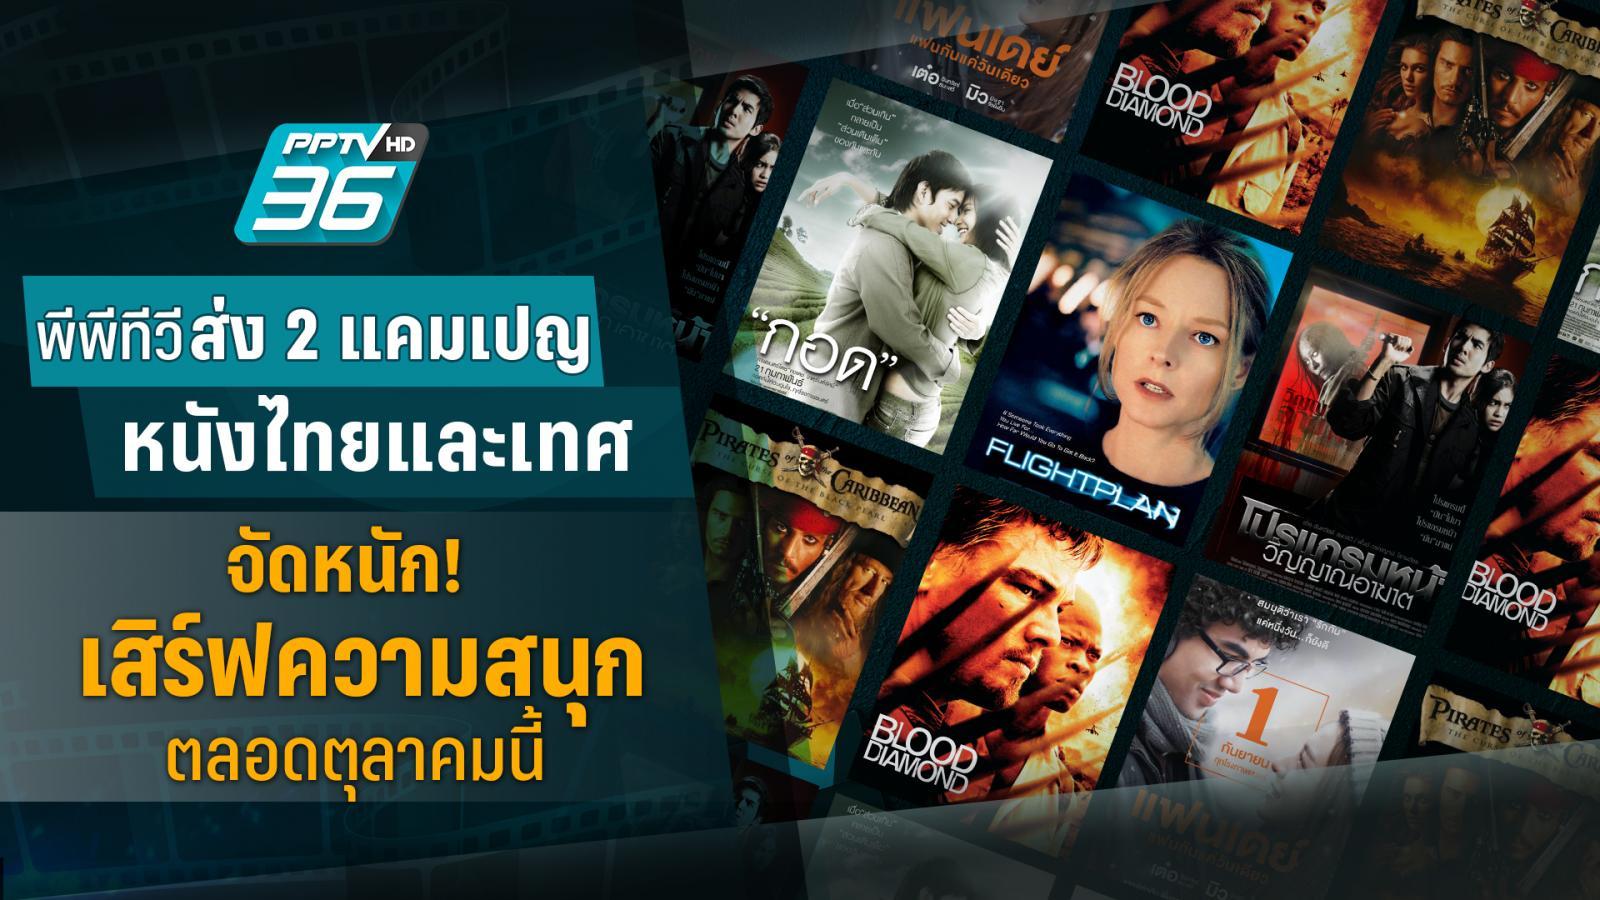 พีพีทีวี ส่ง 2 แคมเปญ หนังไทยและเทศ จัดหนัก! เสิร์ฟความสนุกตลอดตุลาคมนี้